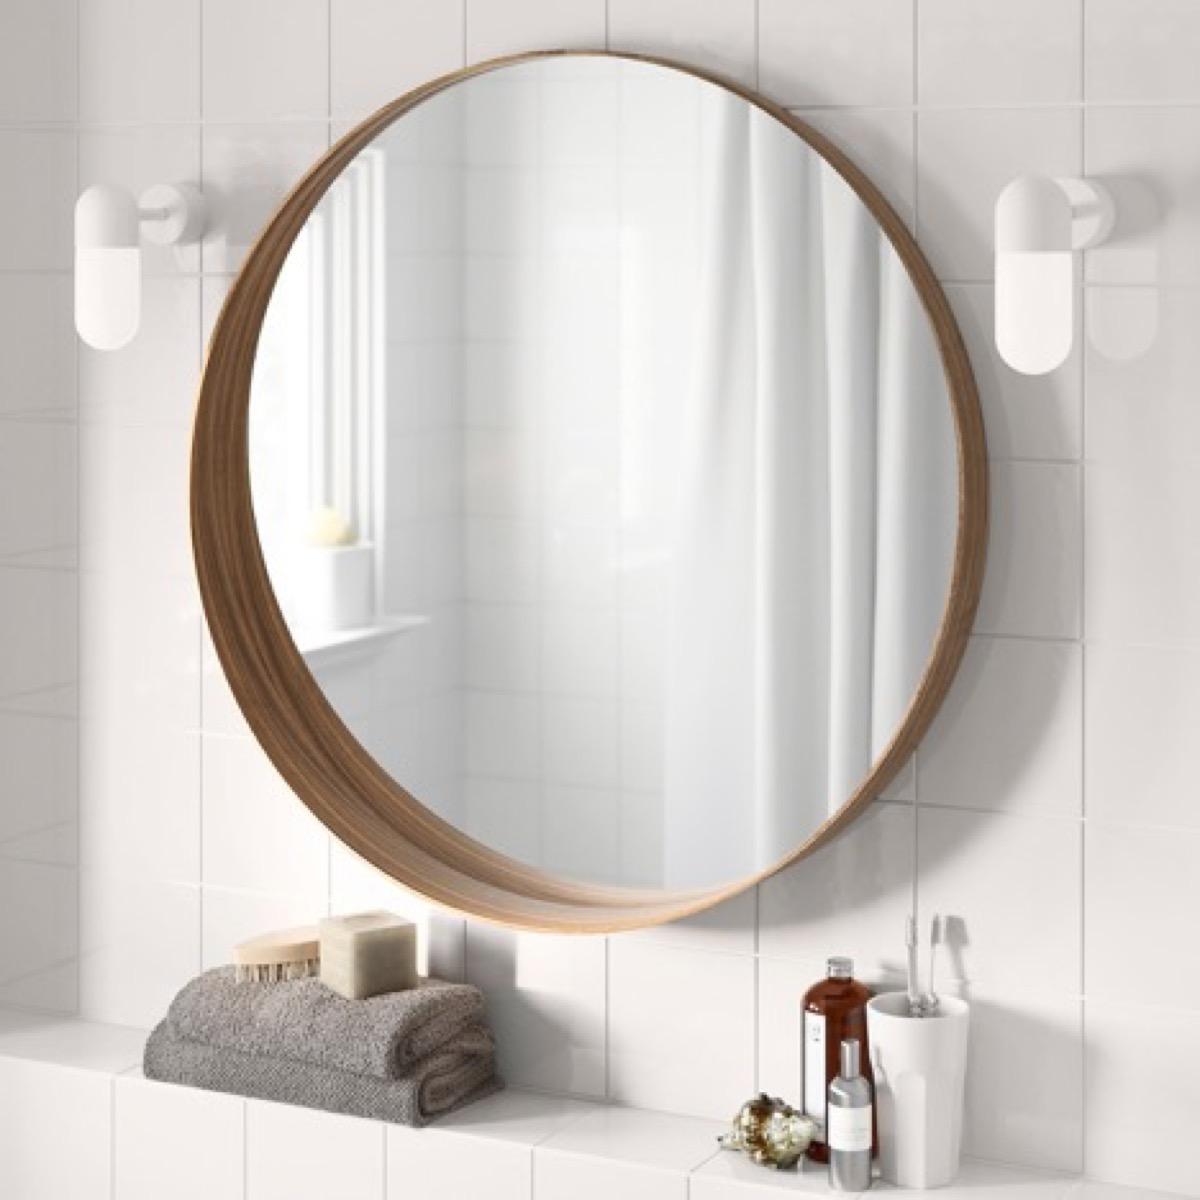 Ikea mirror mid-century